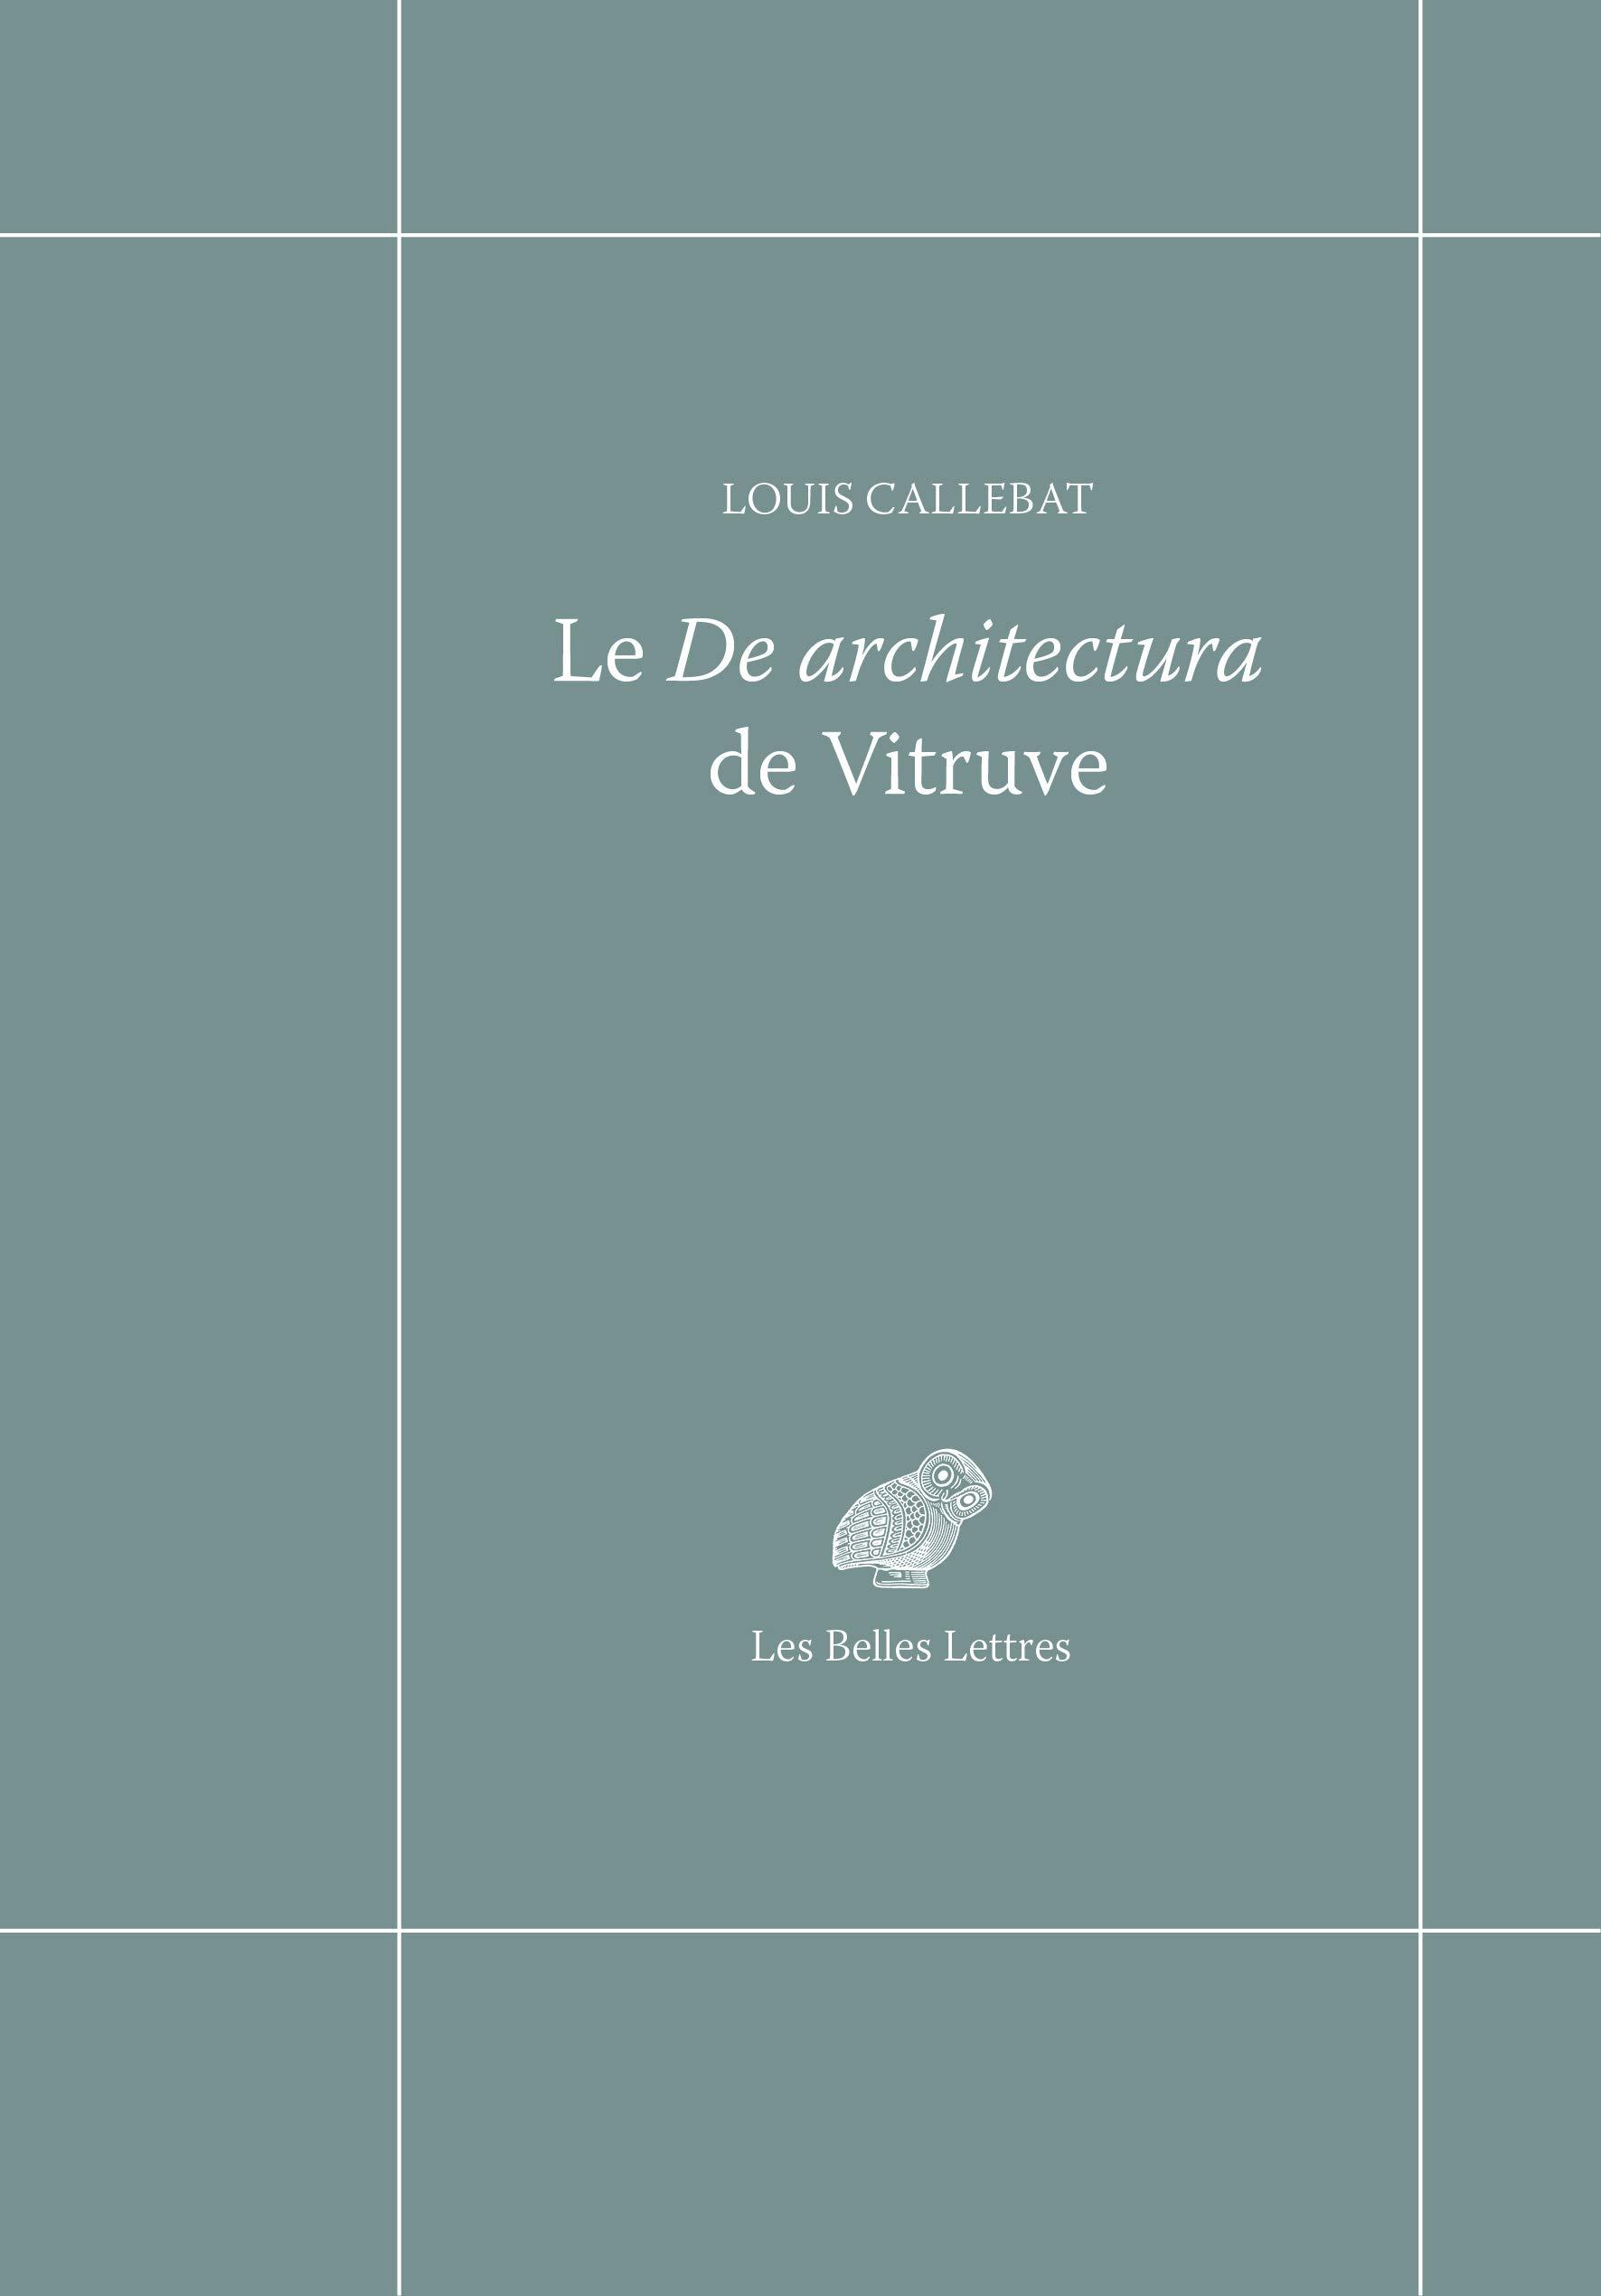 ARCHITECTURA TÉLÉCHARGER VITRUVE DE